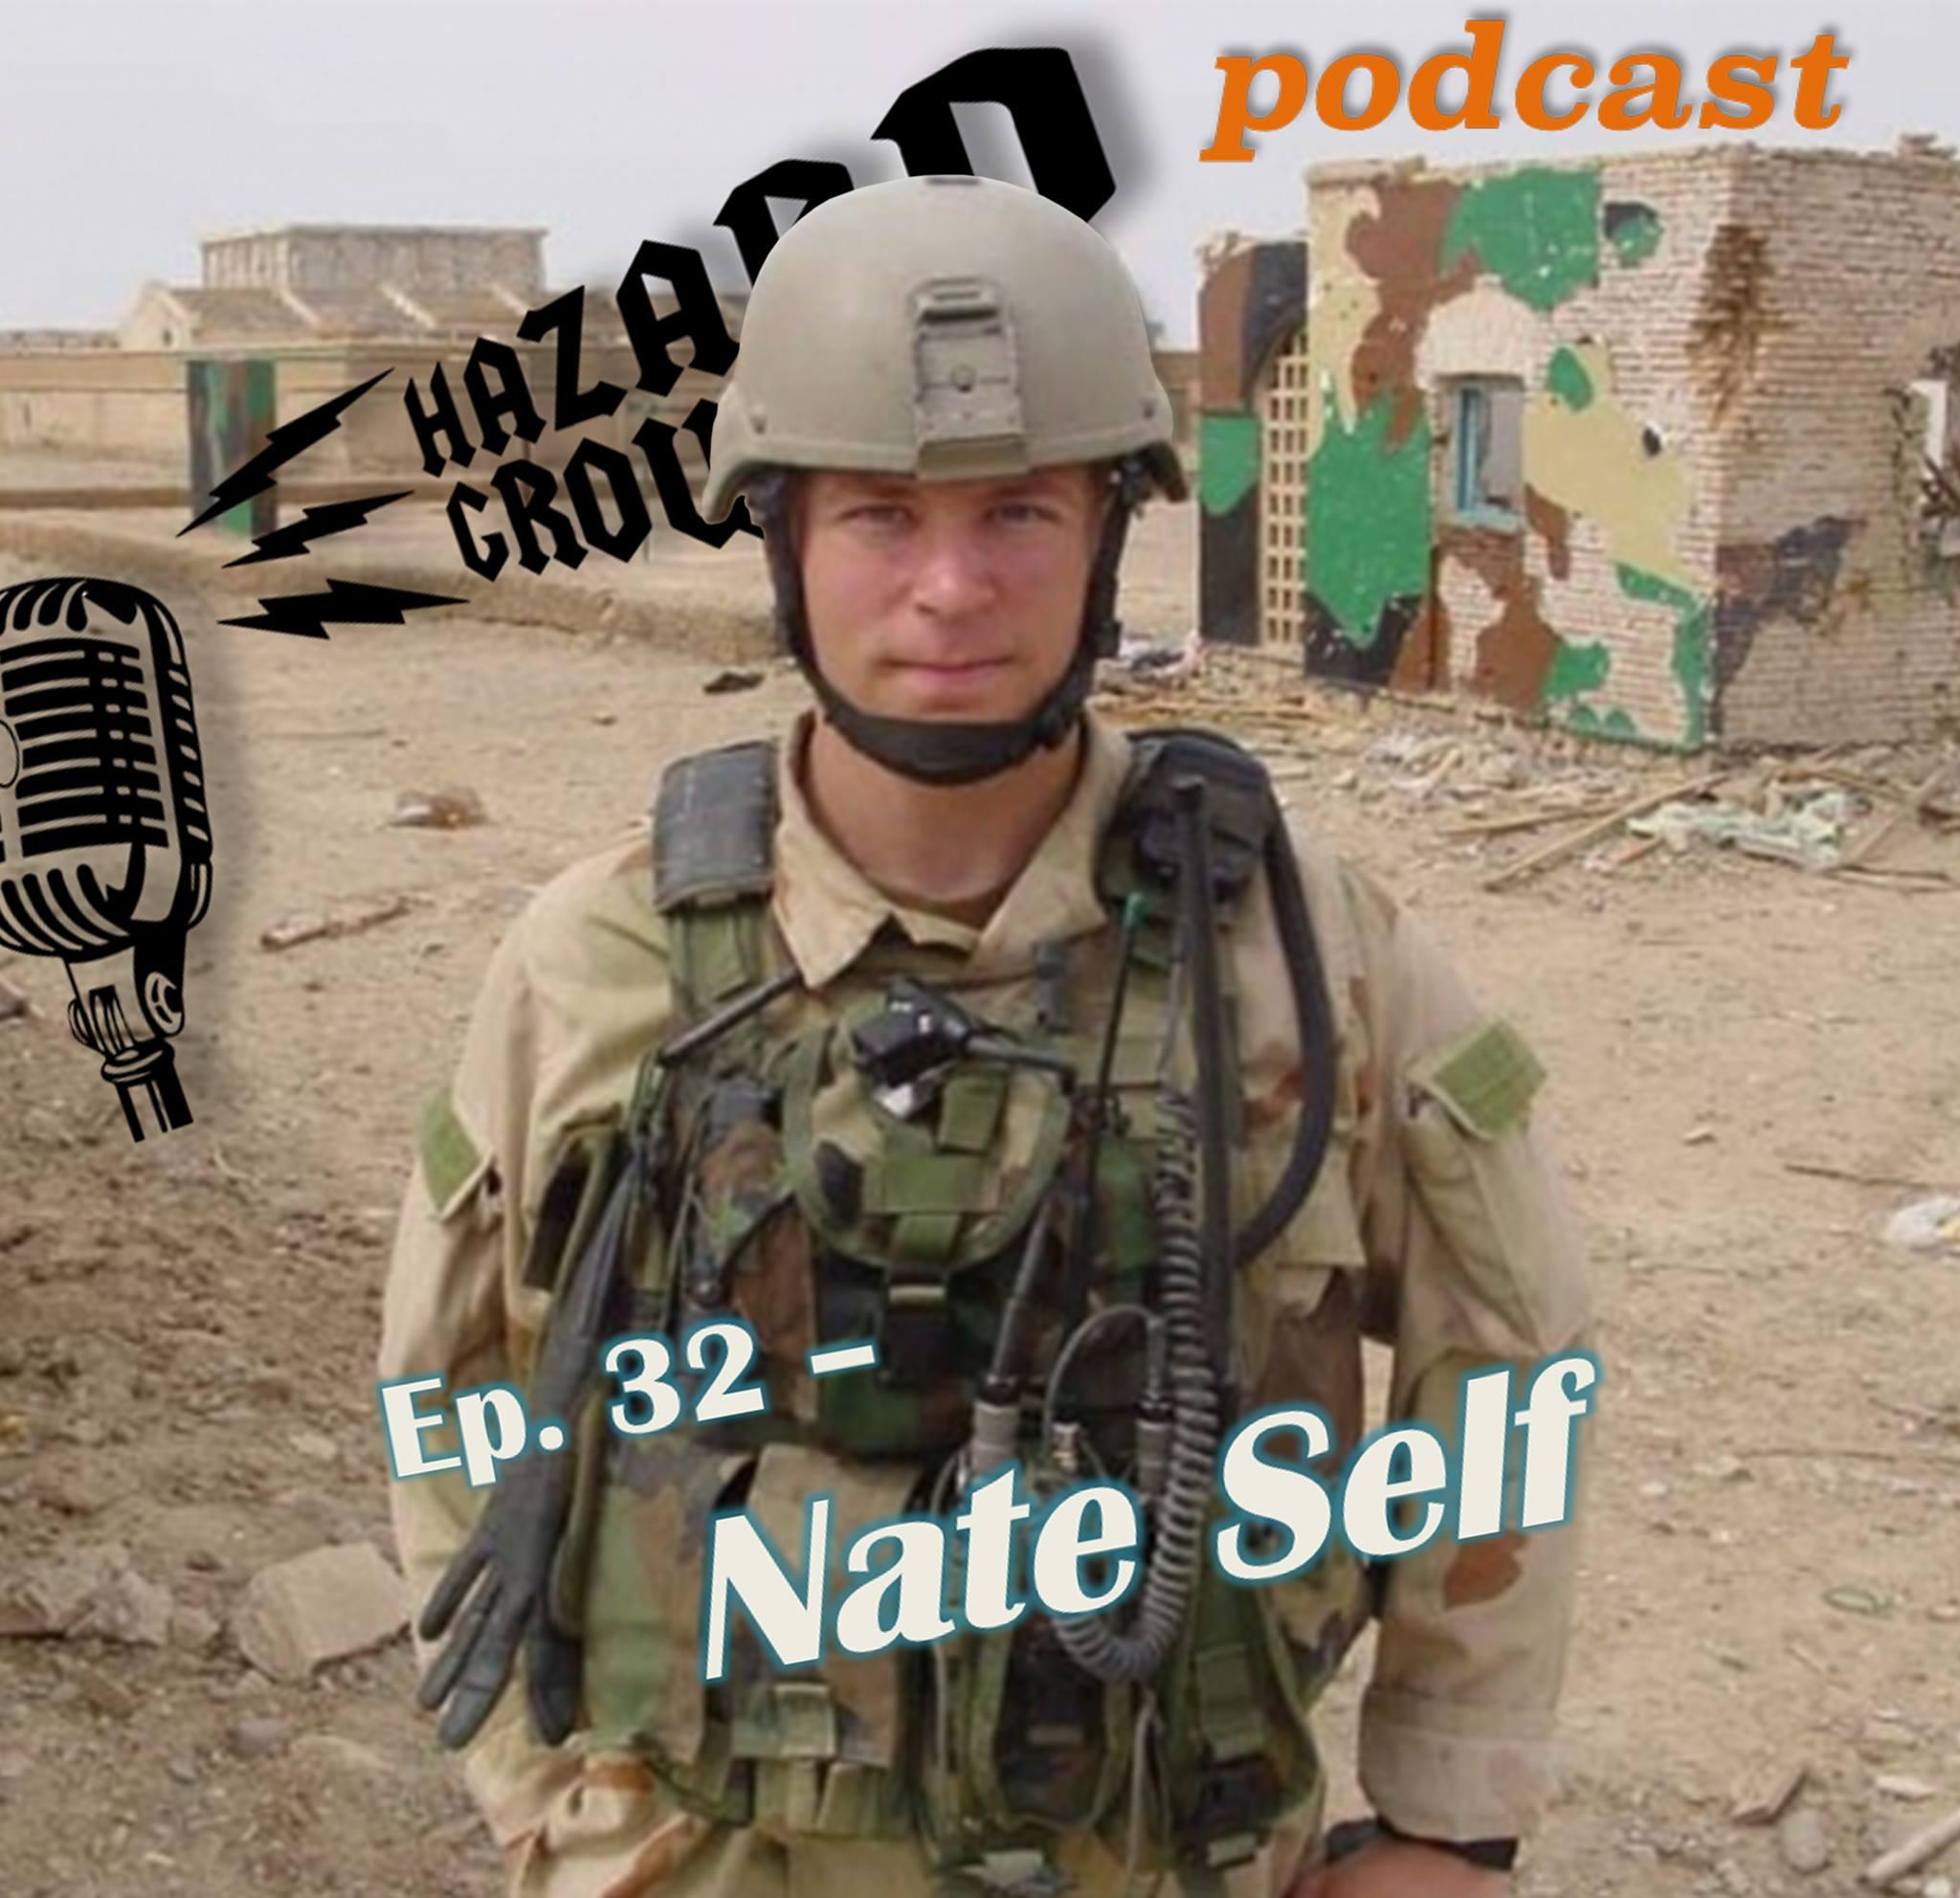 Nate-Self.jpg